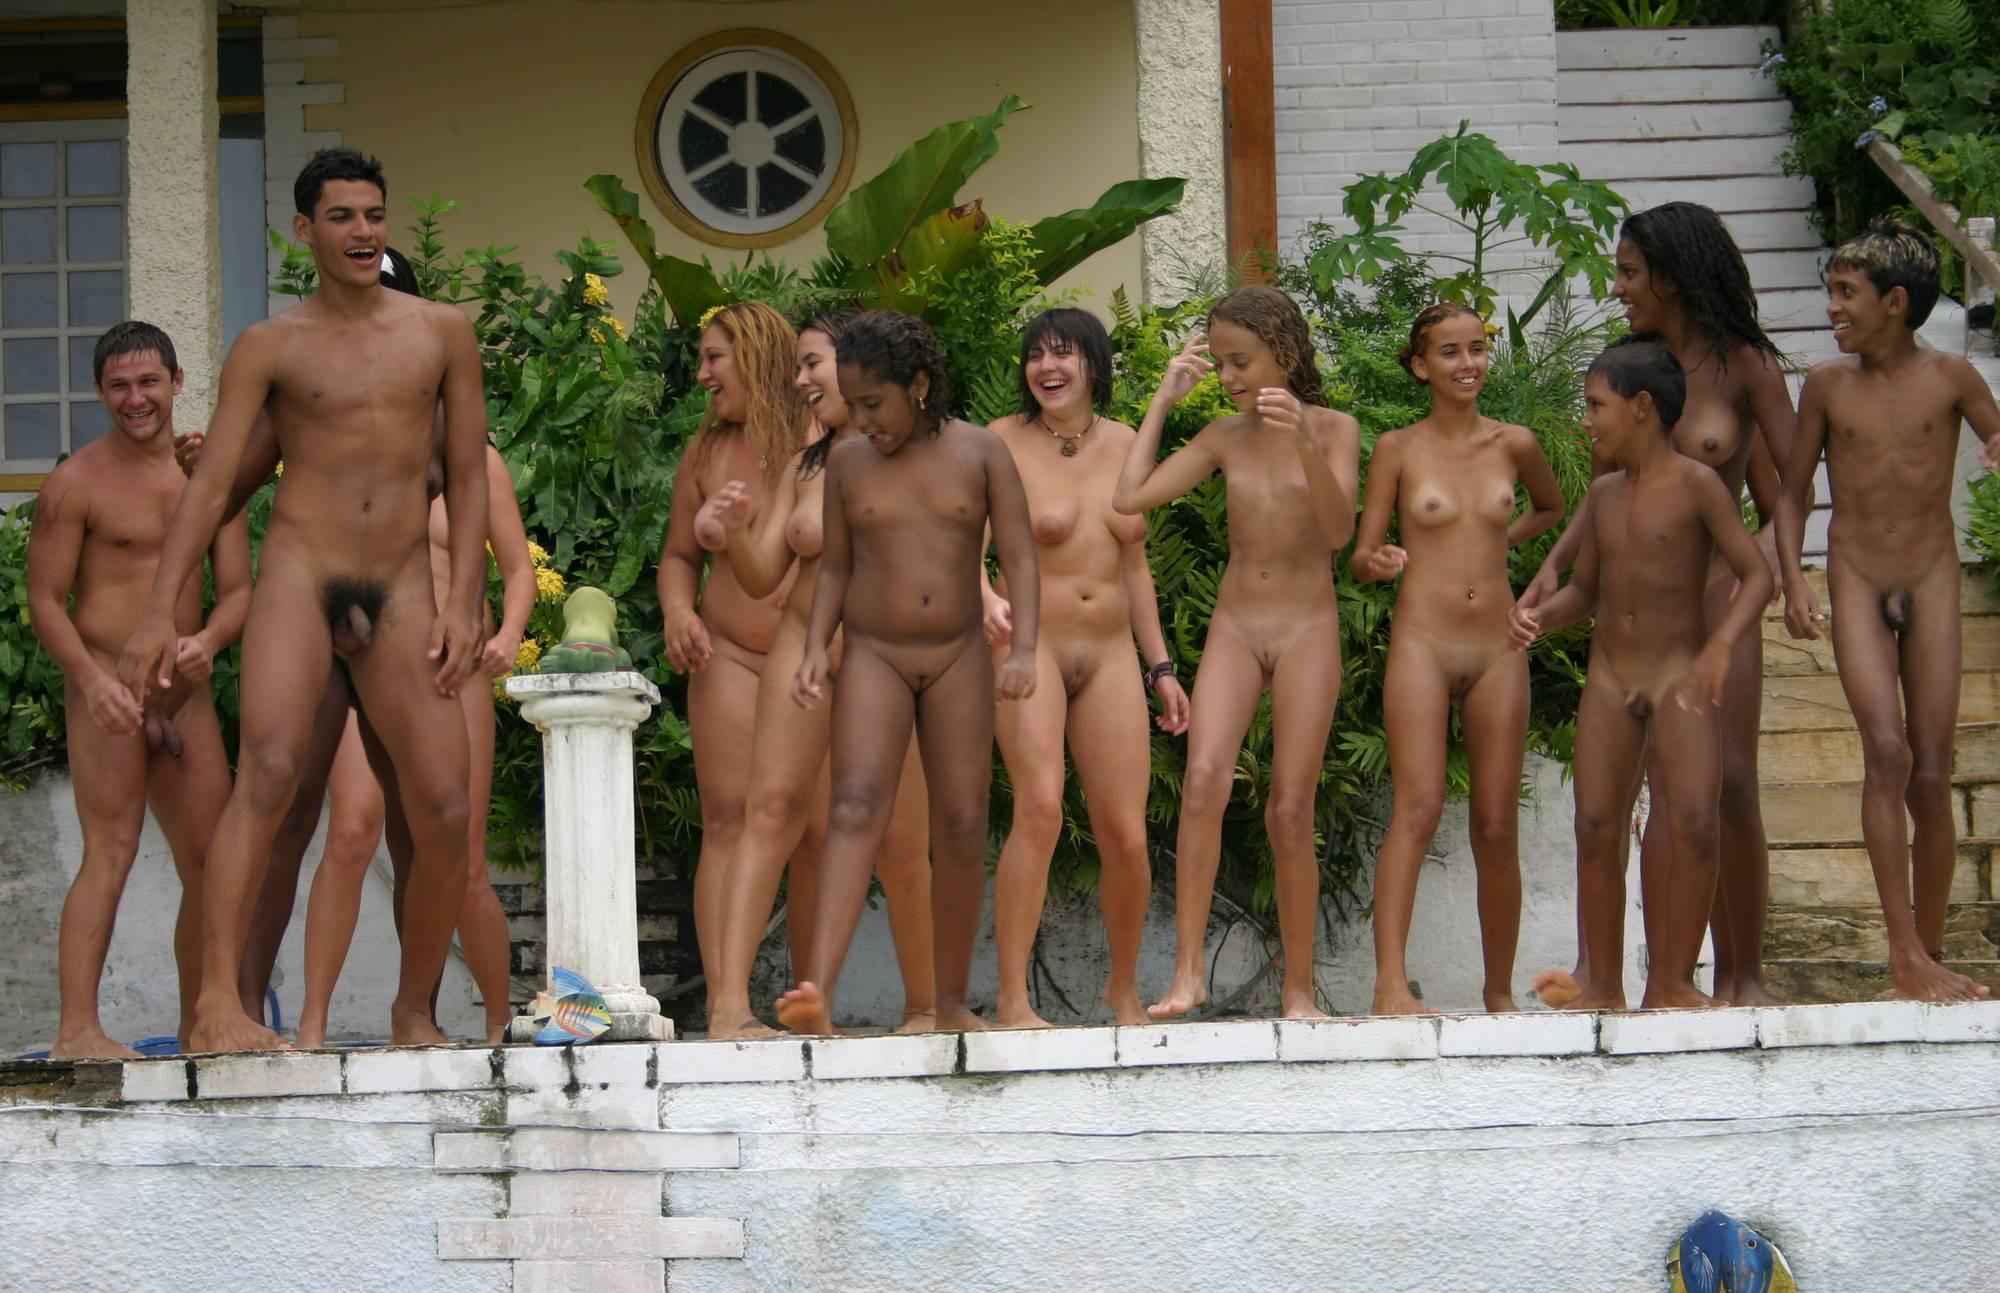 Purenudism Pics-Brazilian Jumping in Pool - 4